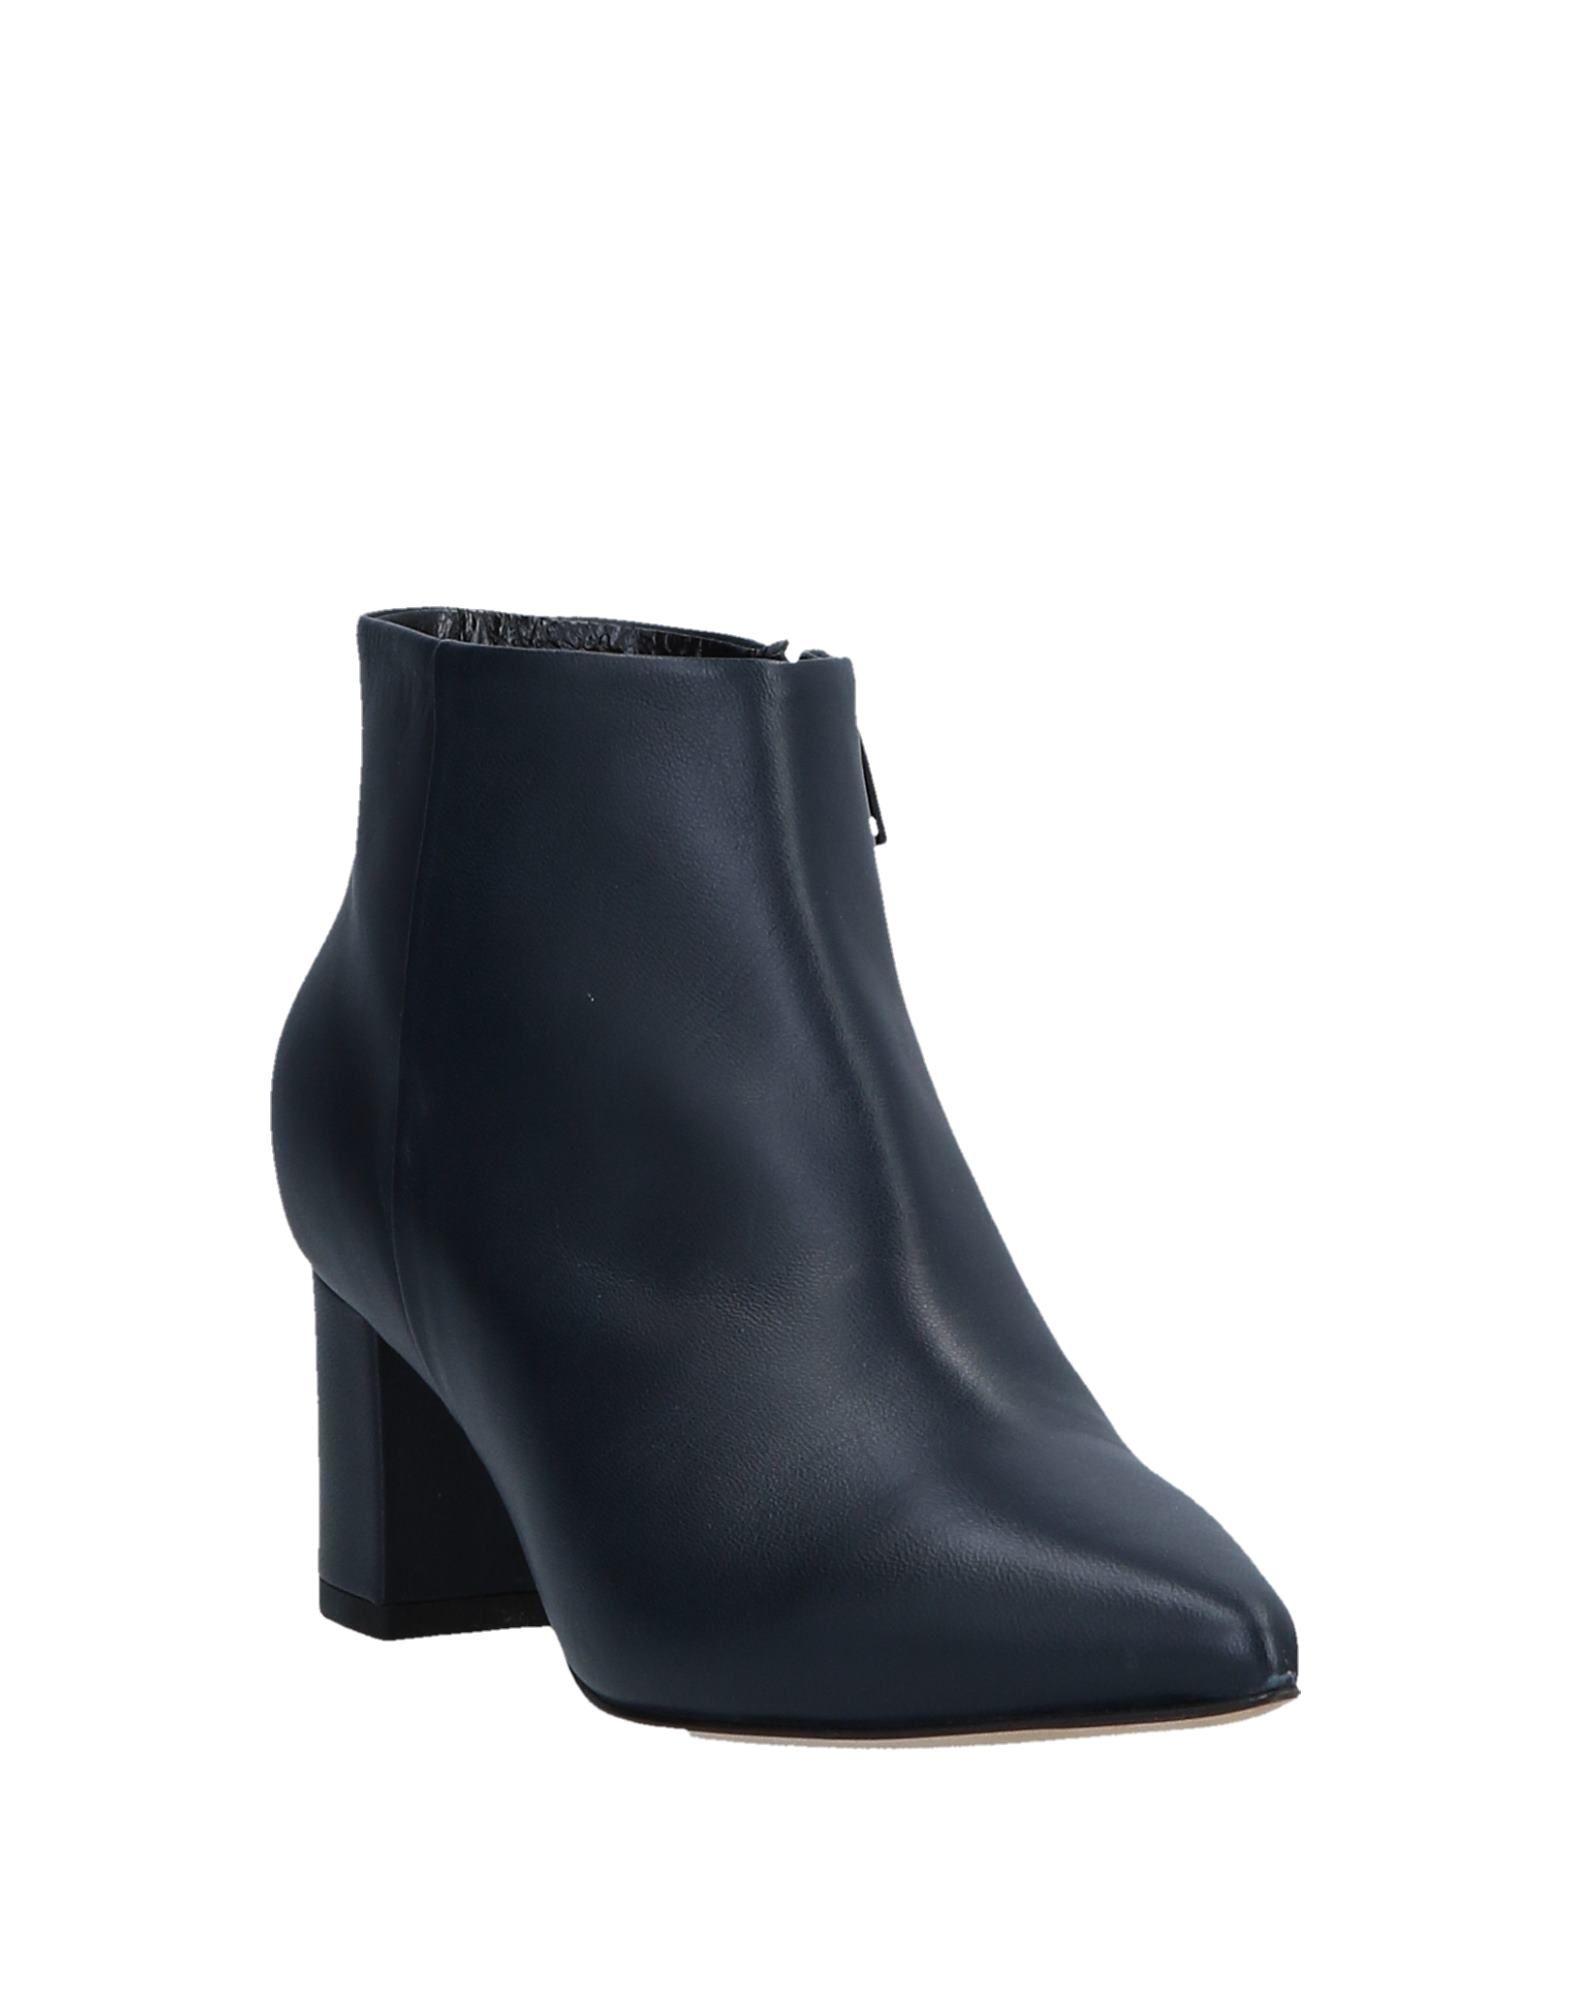 Stilvolle billige Damen Schuhe By A. Stiefelette Damen billige  11515176MA 047683